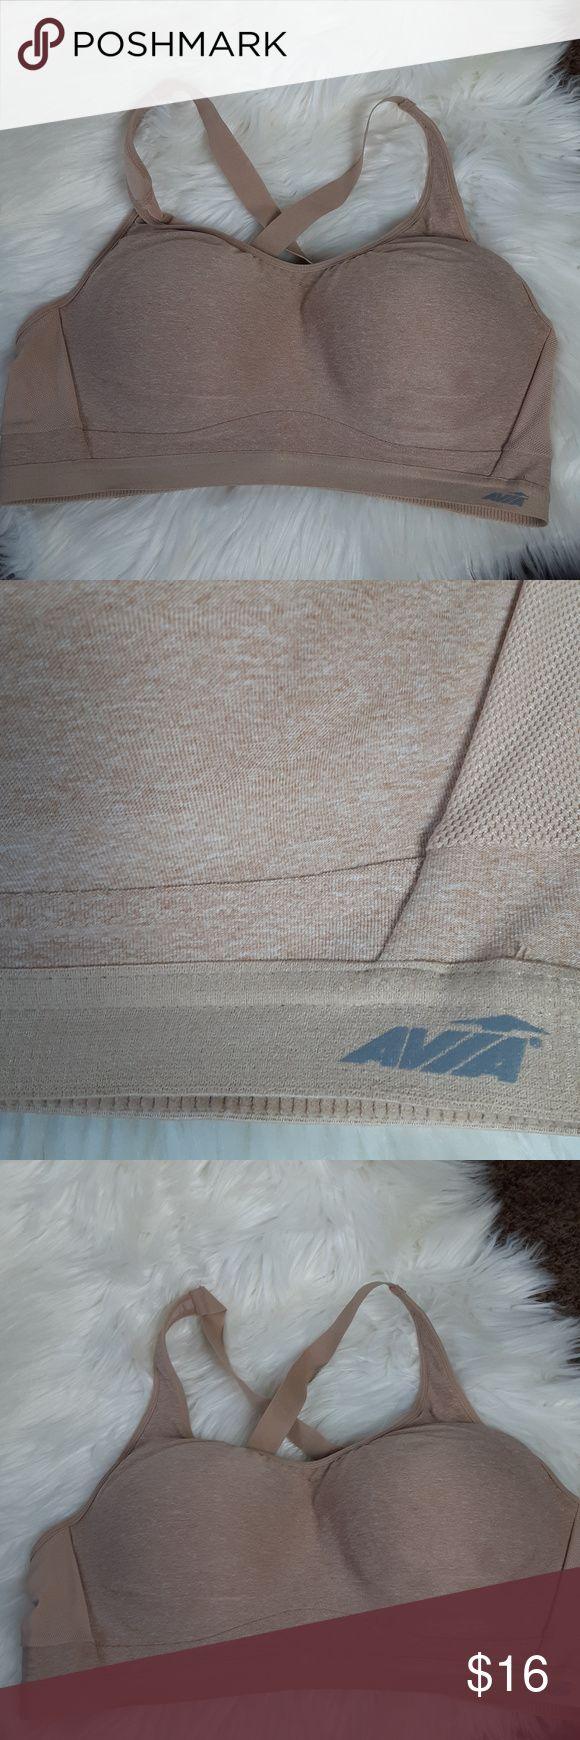 Avia Plus Size Padded Flexwire Sport Bra Size 40DD Avia